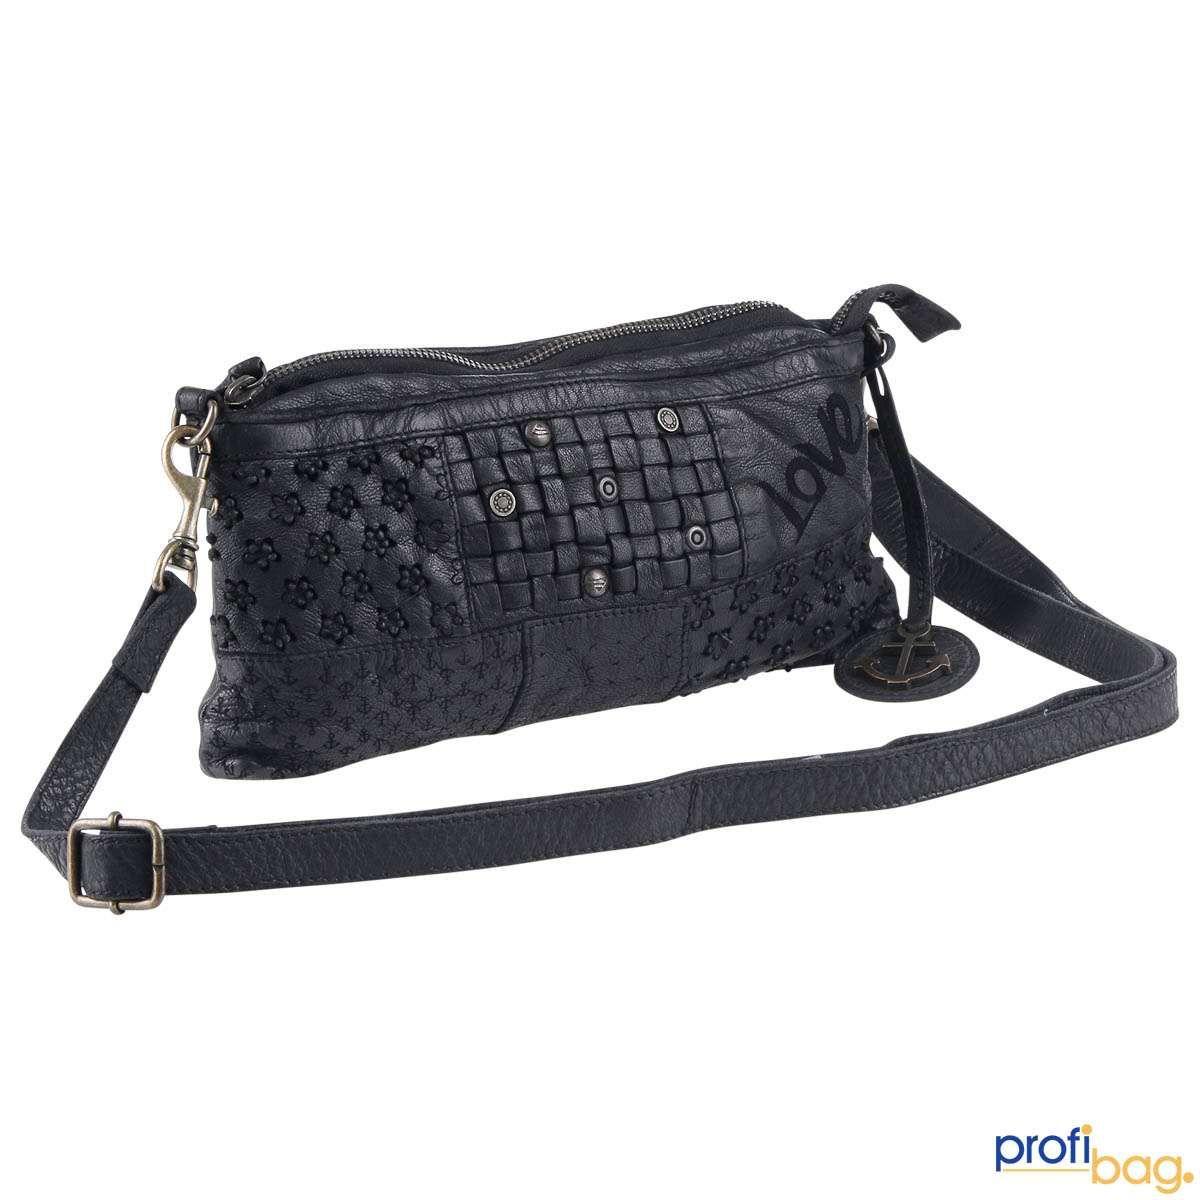 Harbour 2nd Handtasche Poppy Love Clutch Handtaschen Reissverschlusstasche Clutch